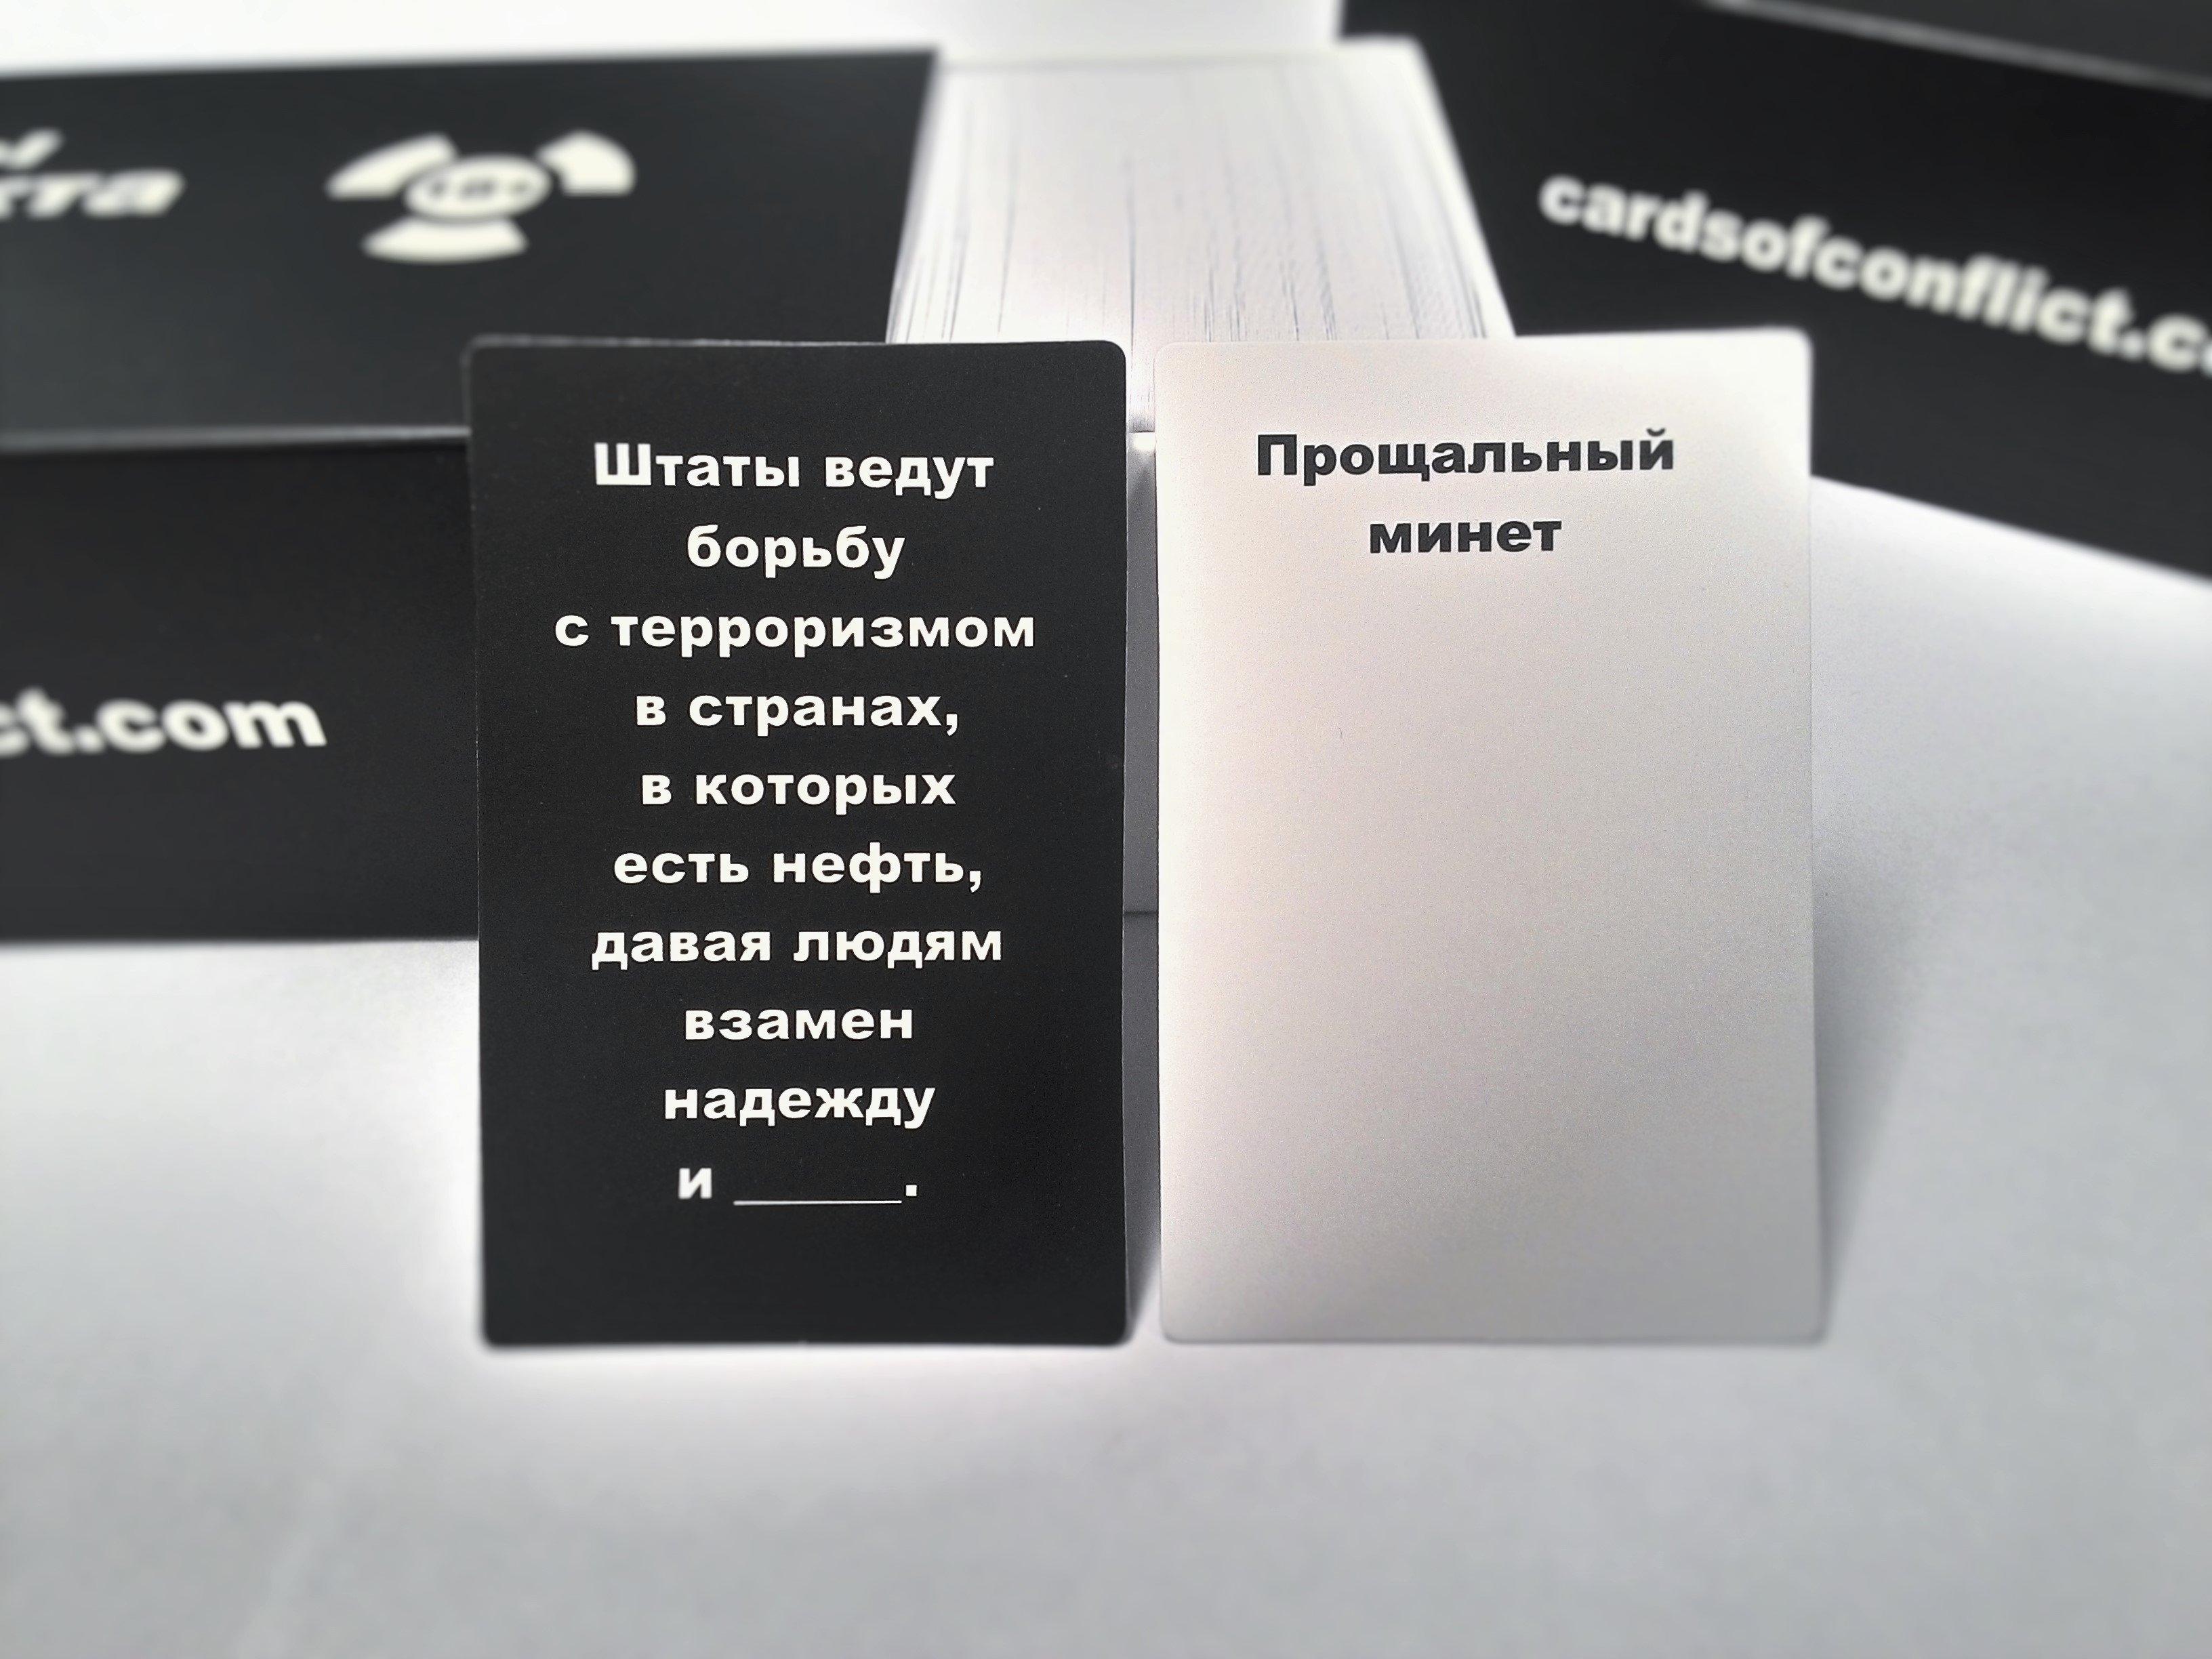 Играть в карты ст карта козла играть